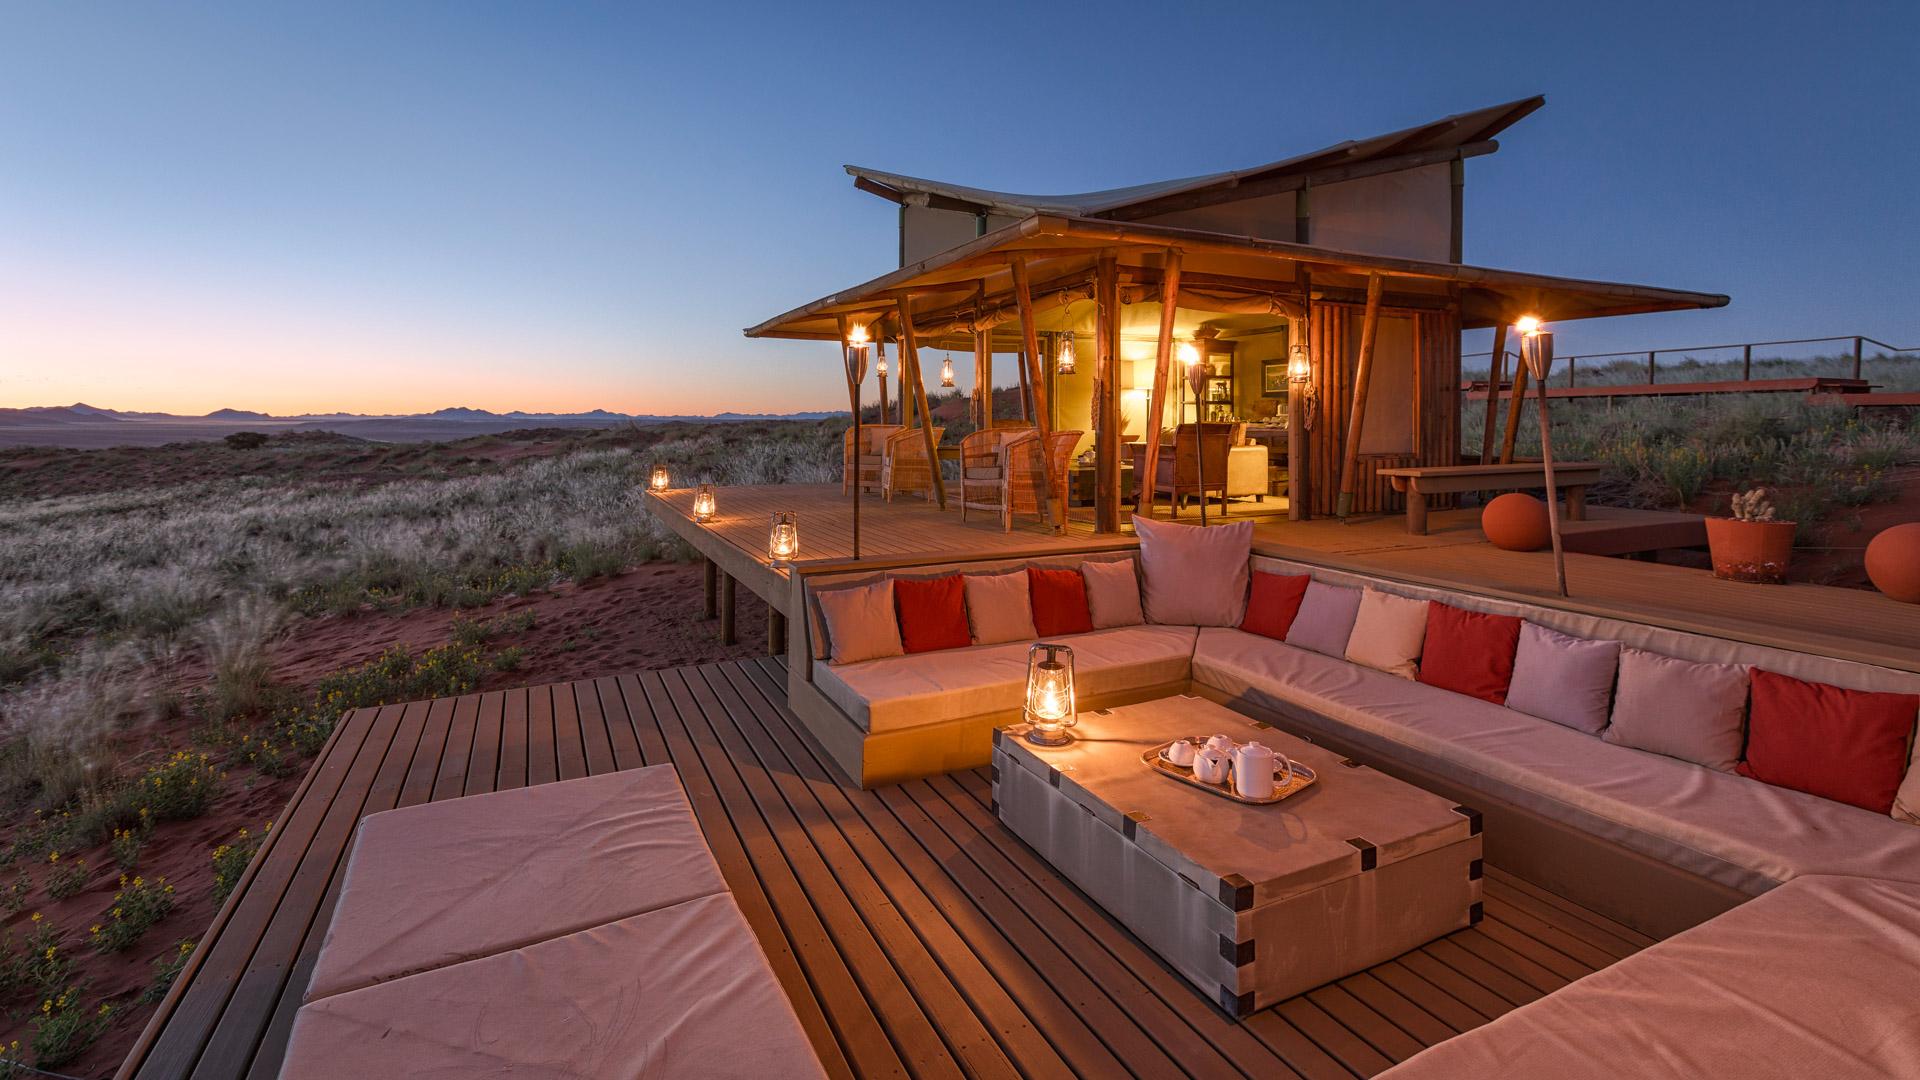 camping gardasee mobilheim ostsee ferienhaus ferienwohnungen mobilheime und ferienh user. Black Bedroom Furniture Sets. Home Design Ideas